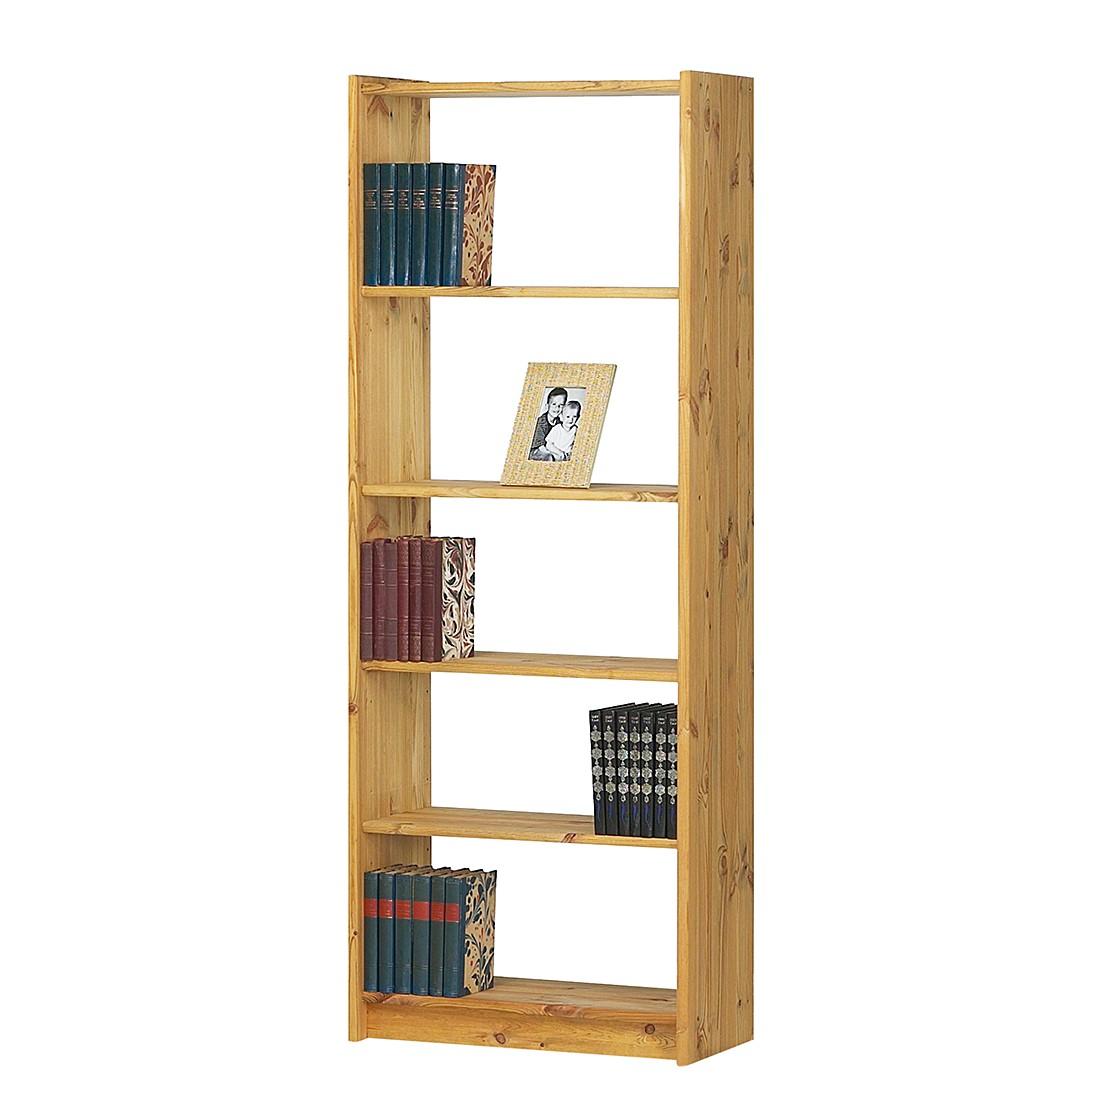 Libreria Tomke II - Pino massello Lisciviato/Oliato, Steens